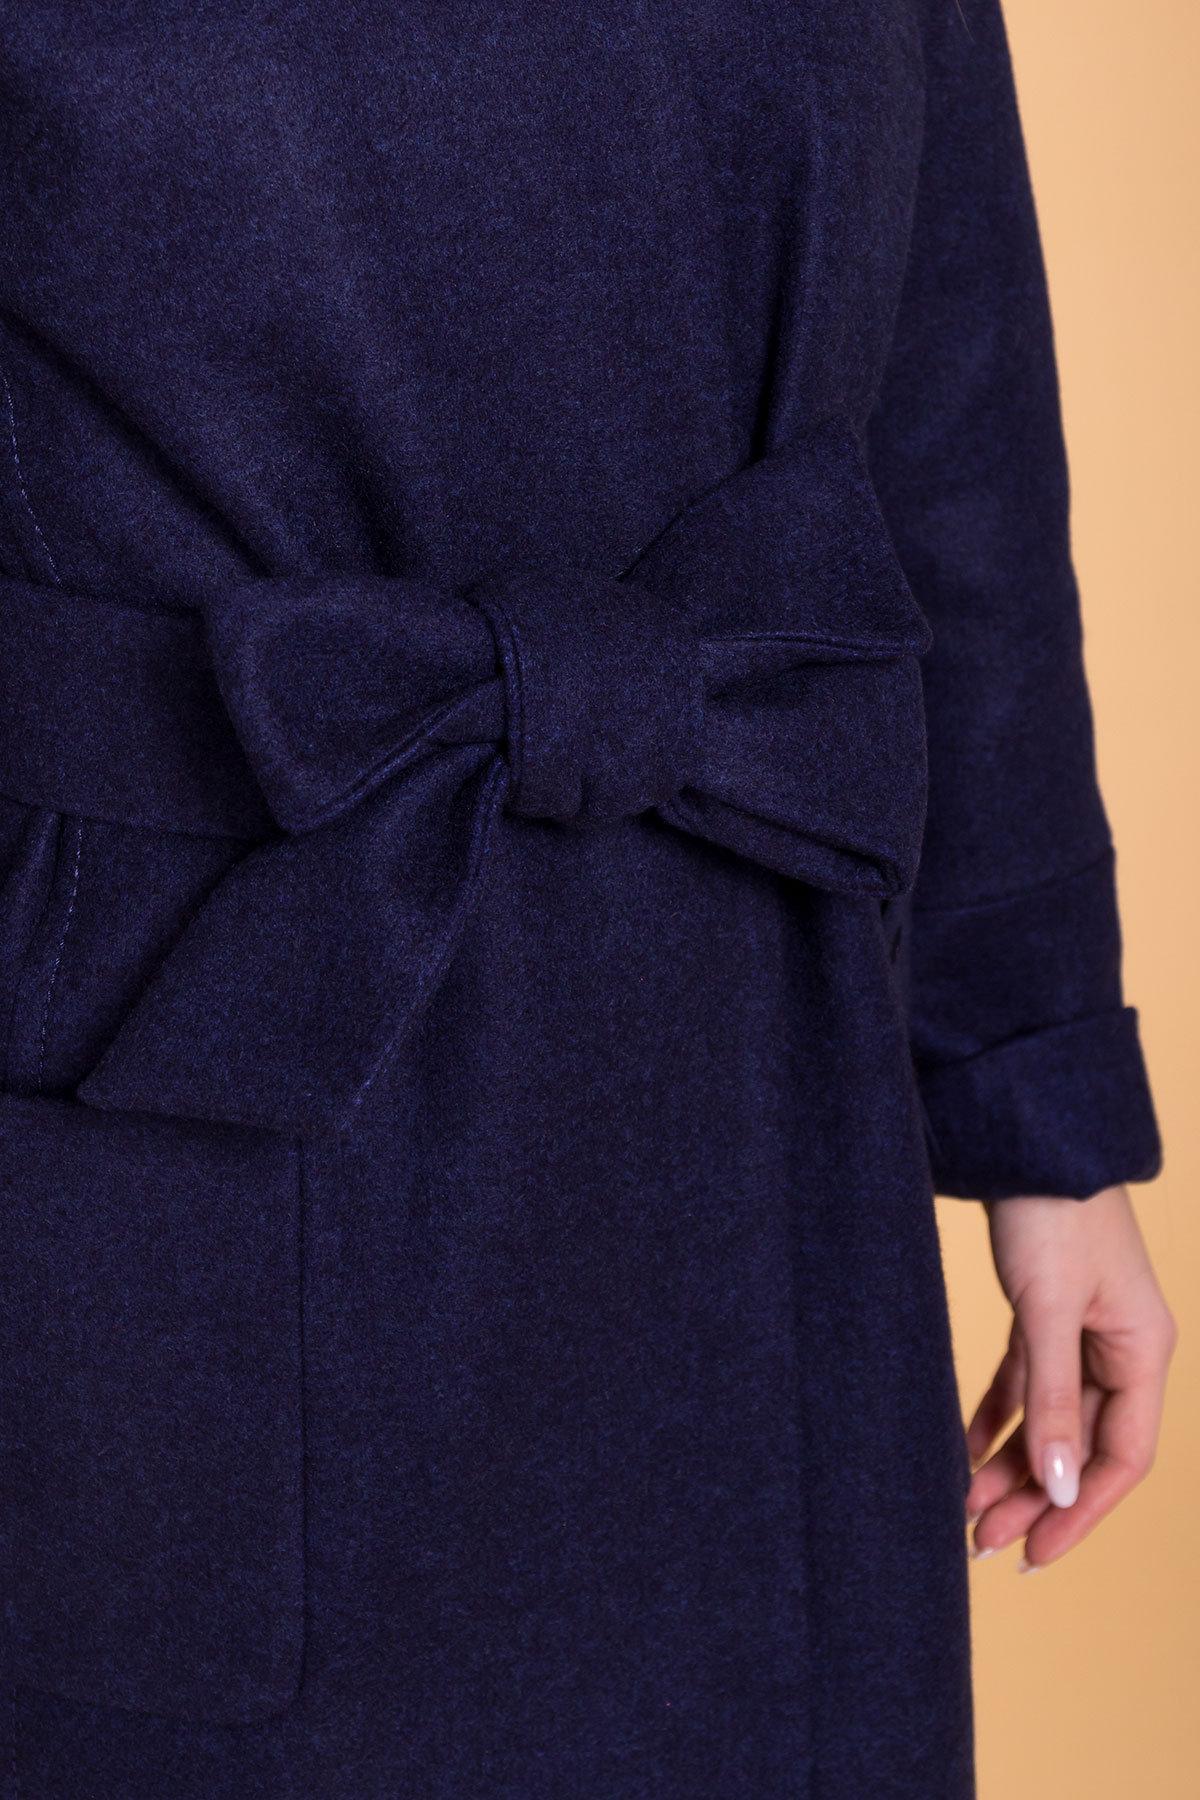 Пальто Кристина лайт 6170 Цвет: Т.синий 17